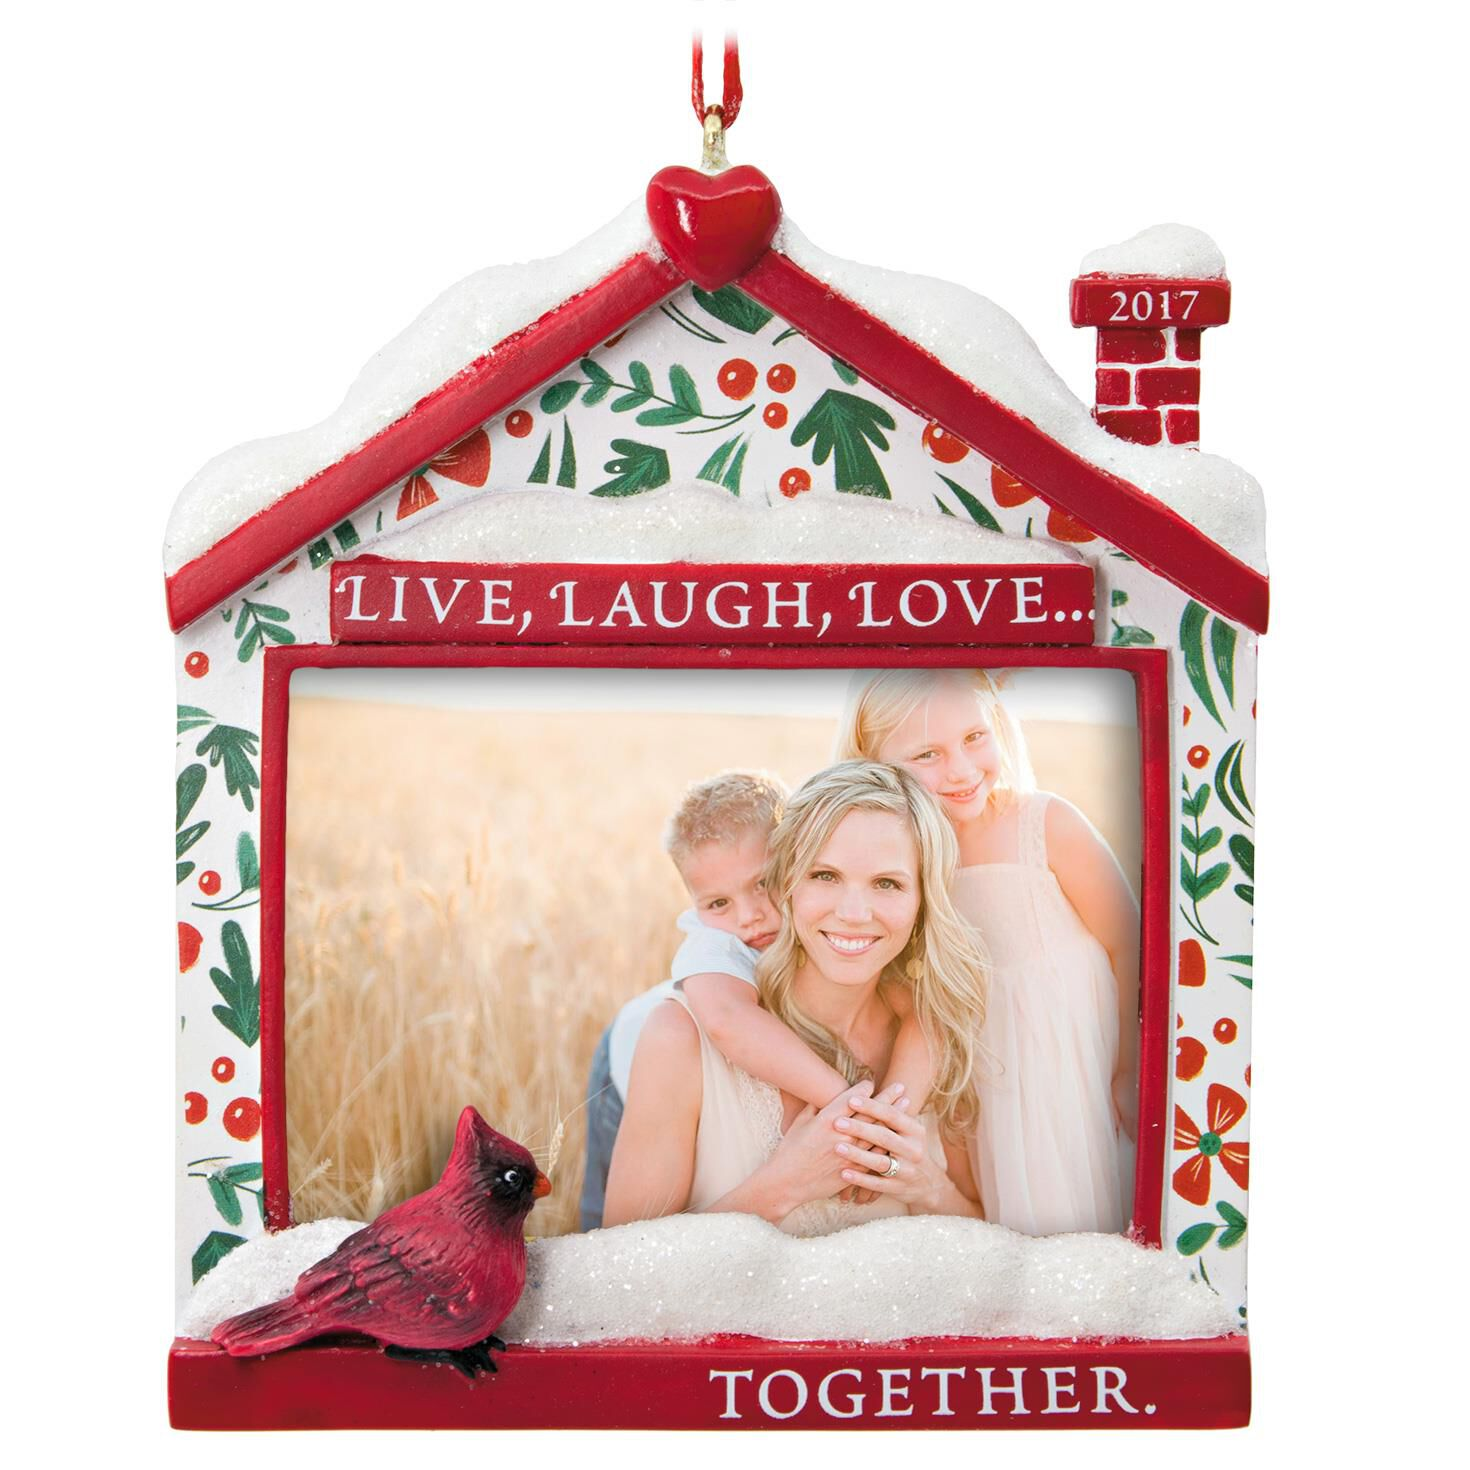 Live, Laugh, Love 2017 Picture Frame Hallmark Ornament - Gift ...